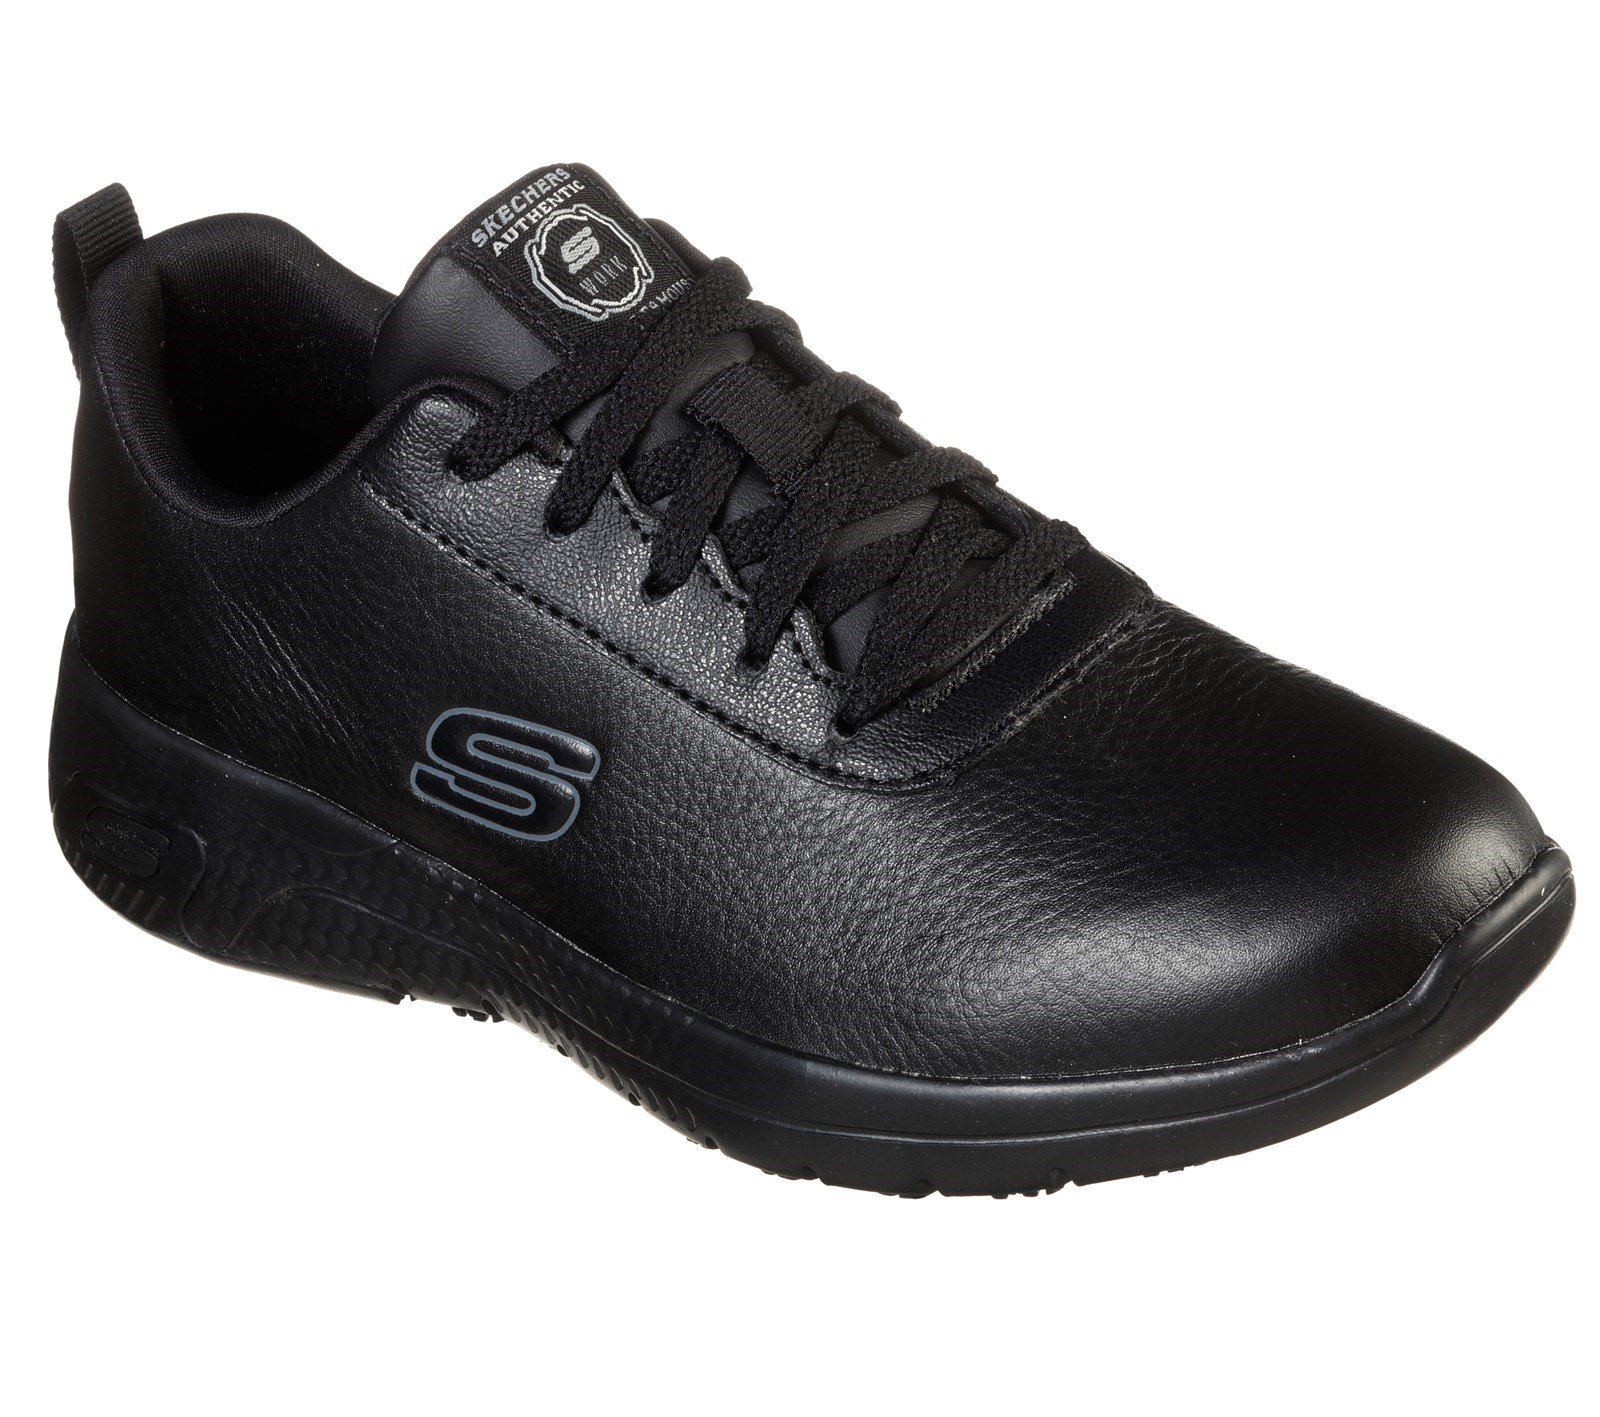 Skechers Women's Marsing Gmina Slip Resistant Trainer Various Colours 32618 - Black 3